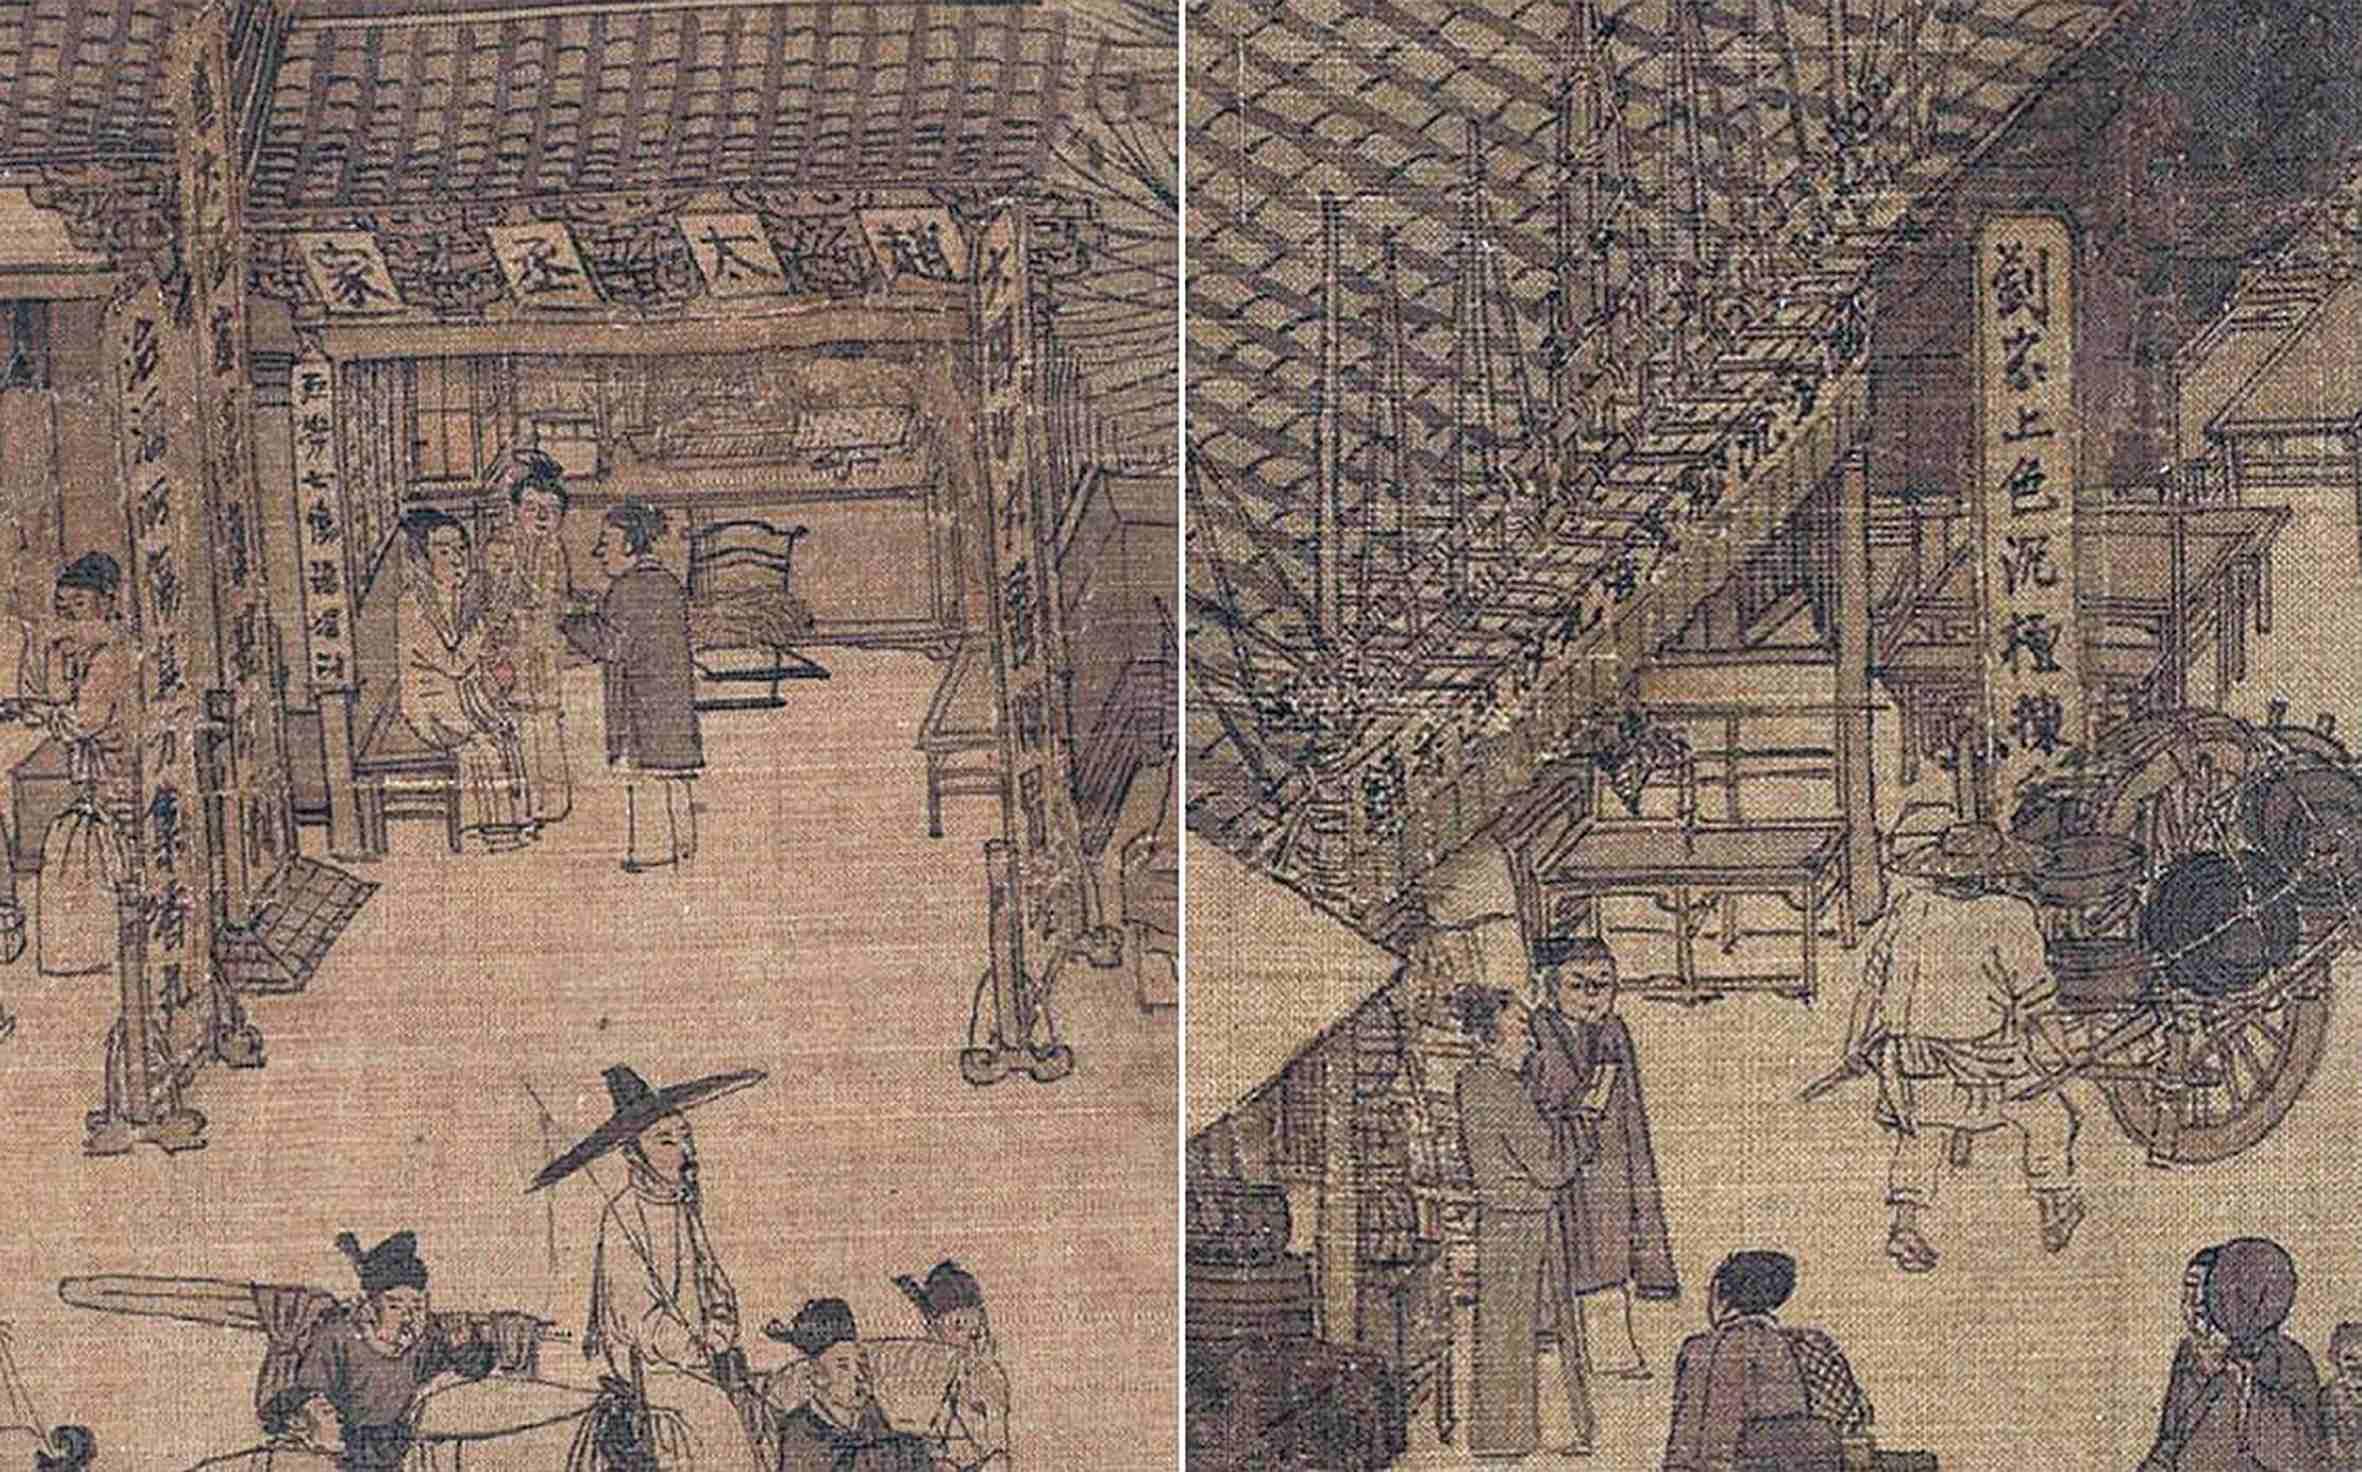 《清明上河图》中的赵太丞家和刘家香药铺